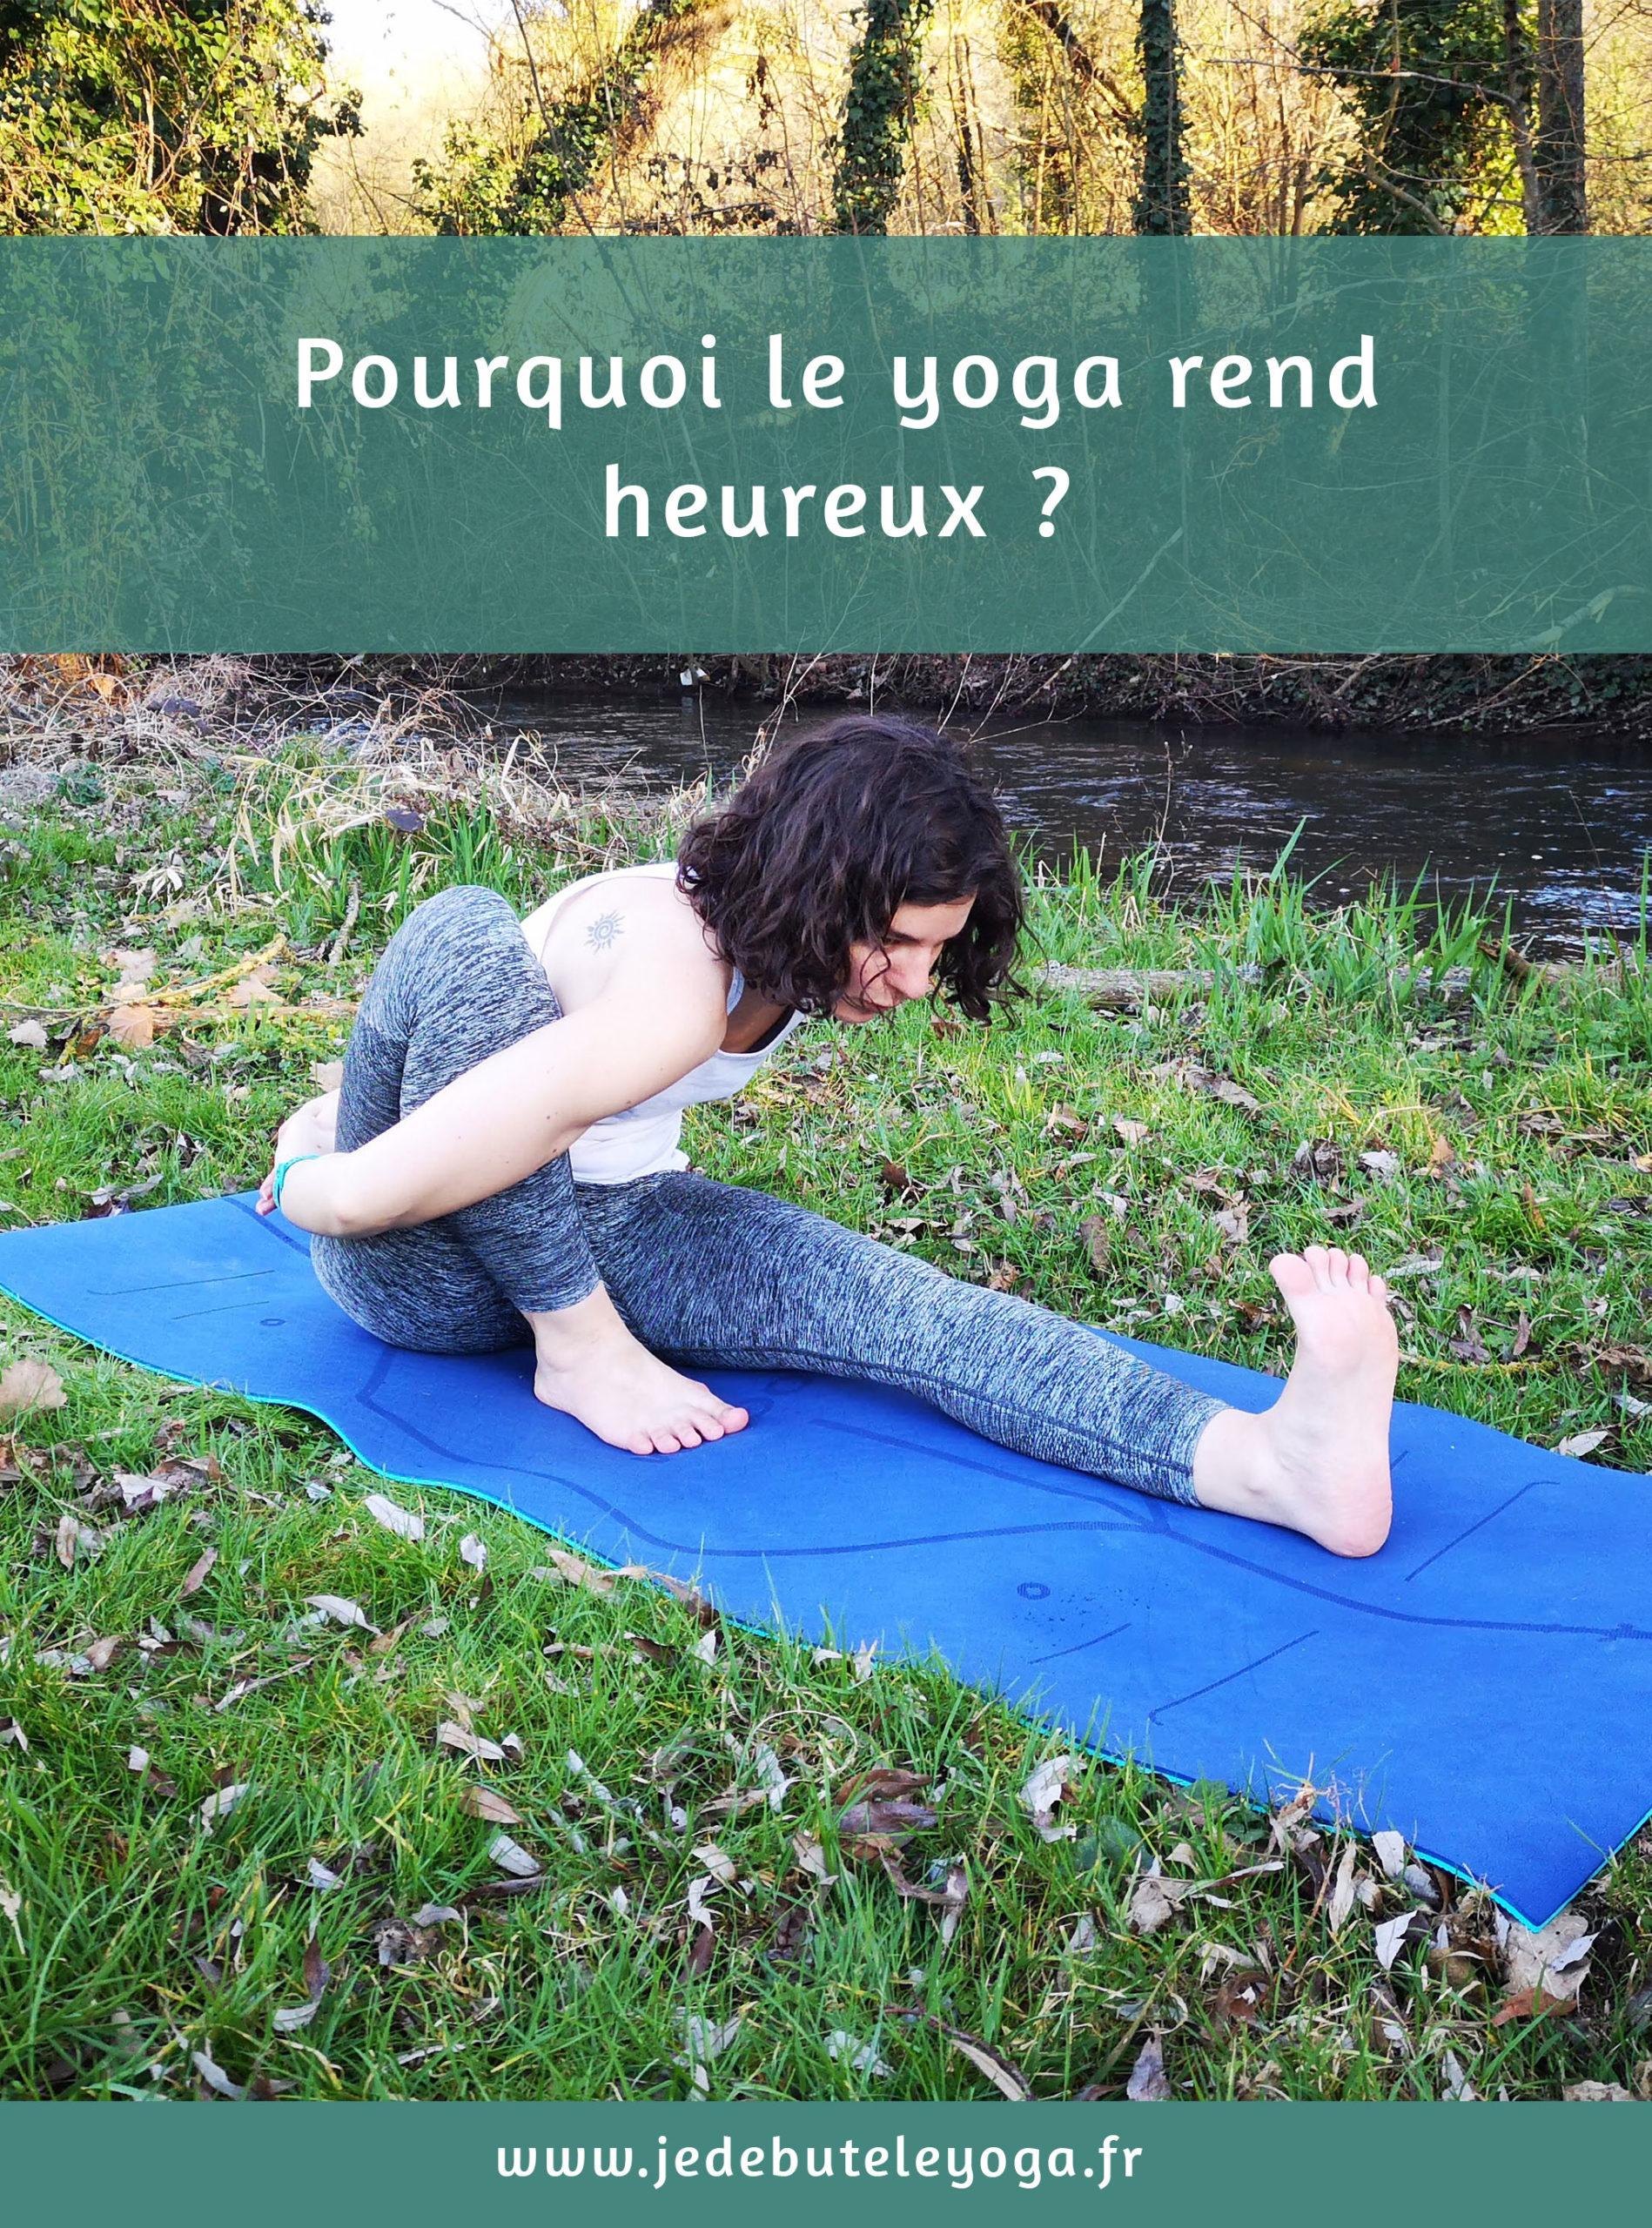 Pourquoi le yoga rend heureux ?